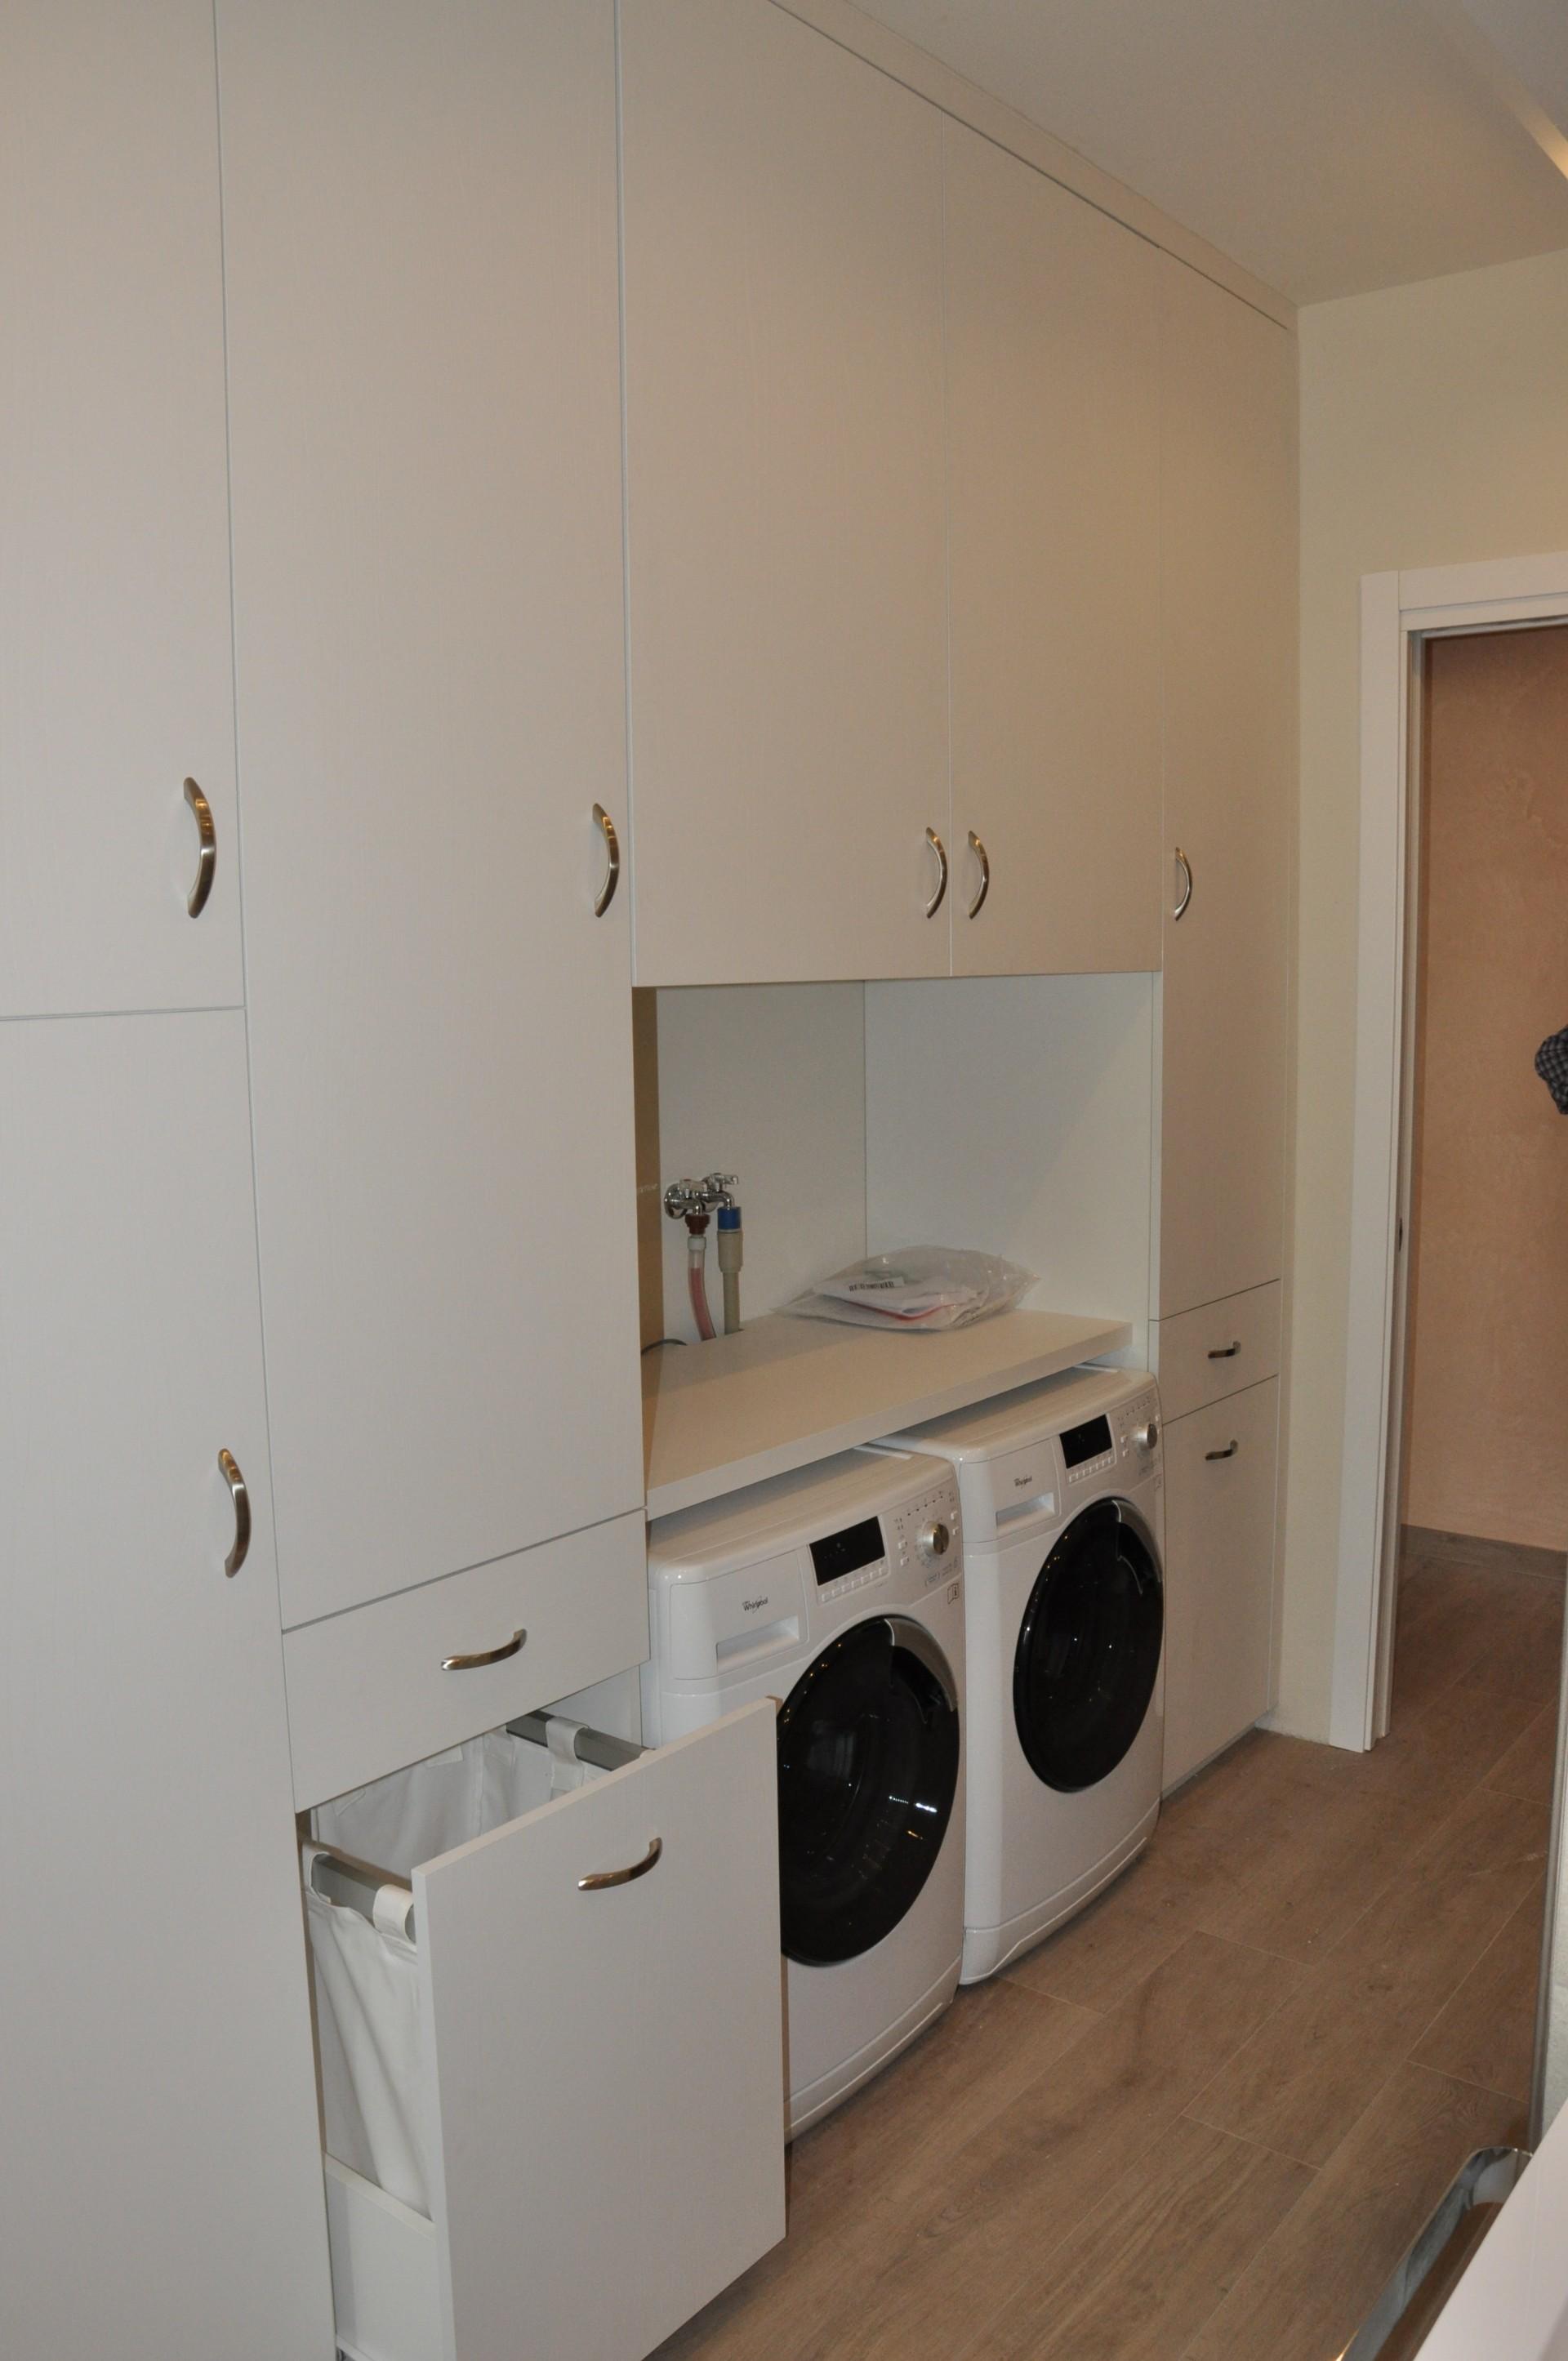 Armadio per lavanderia fadini mobili cerea verona for Armadio x bagno